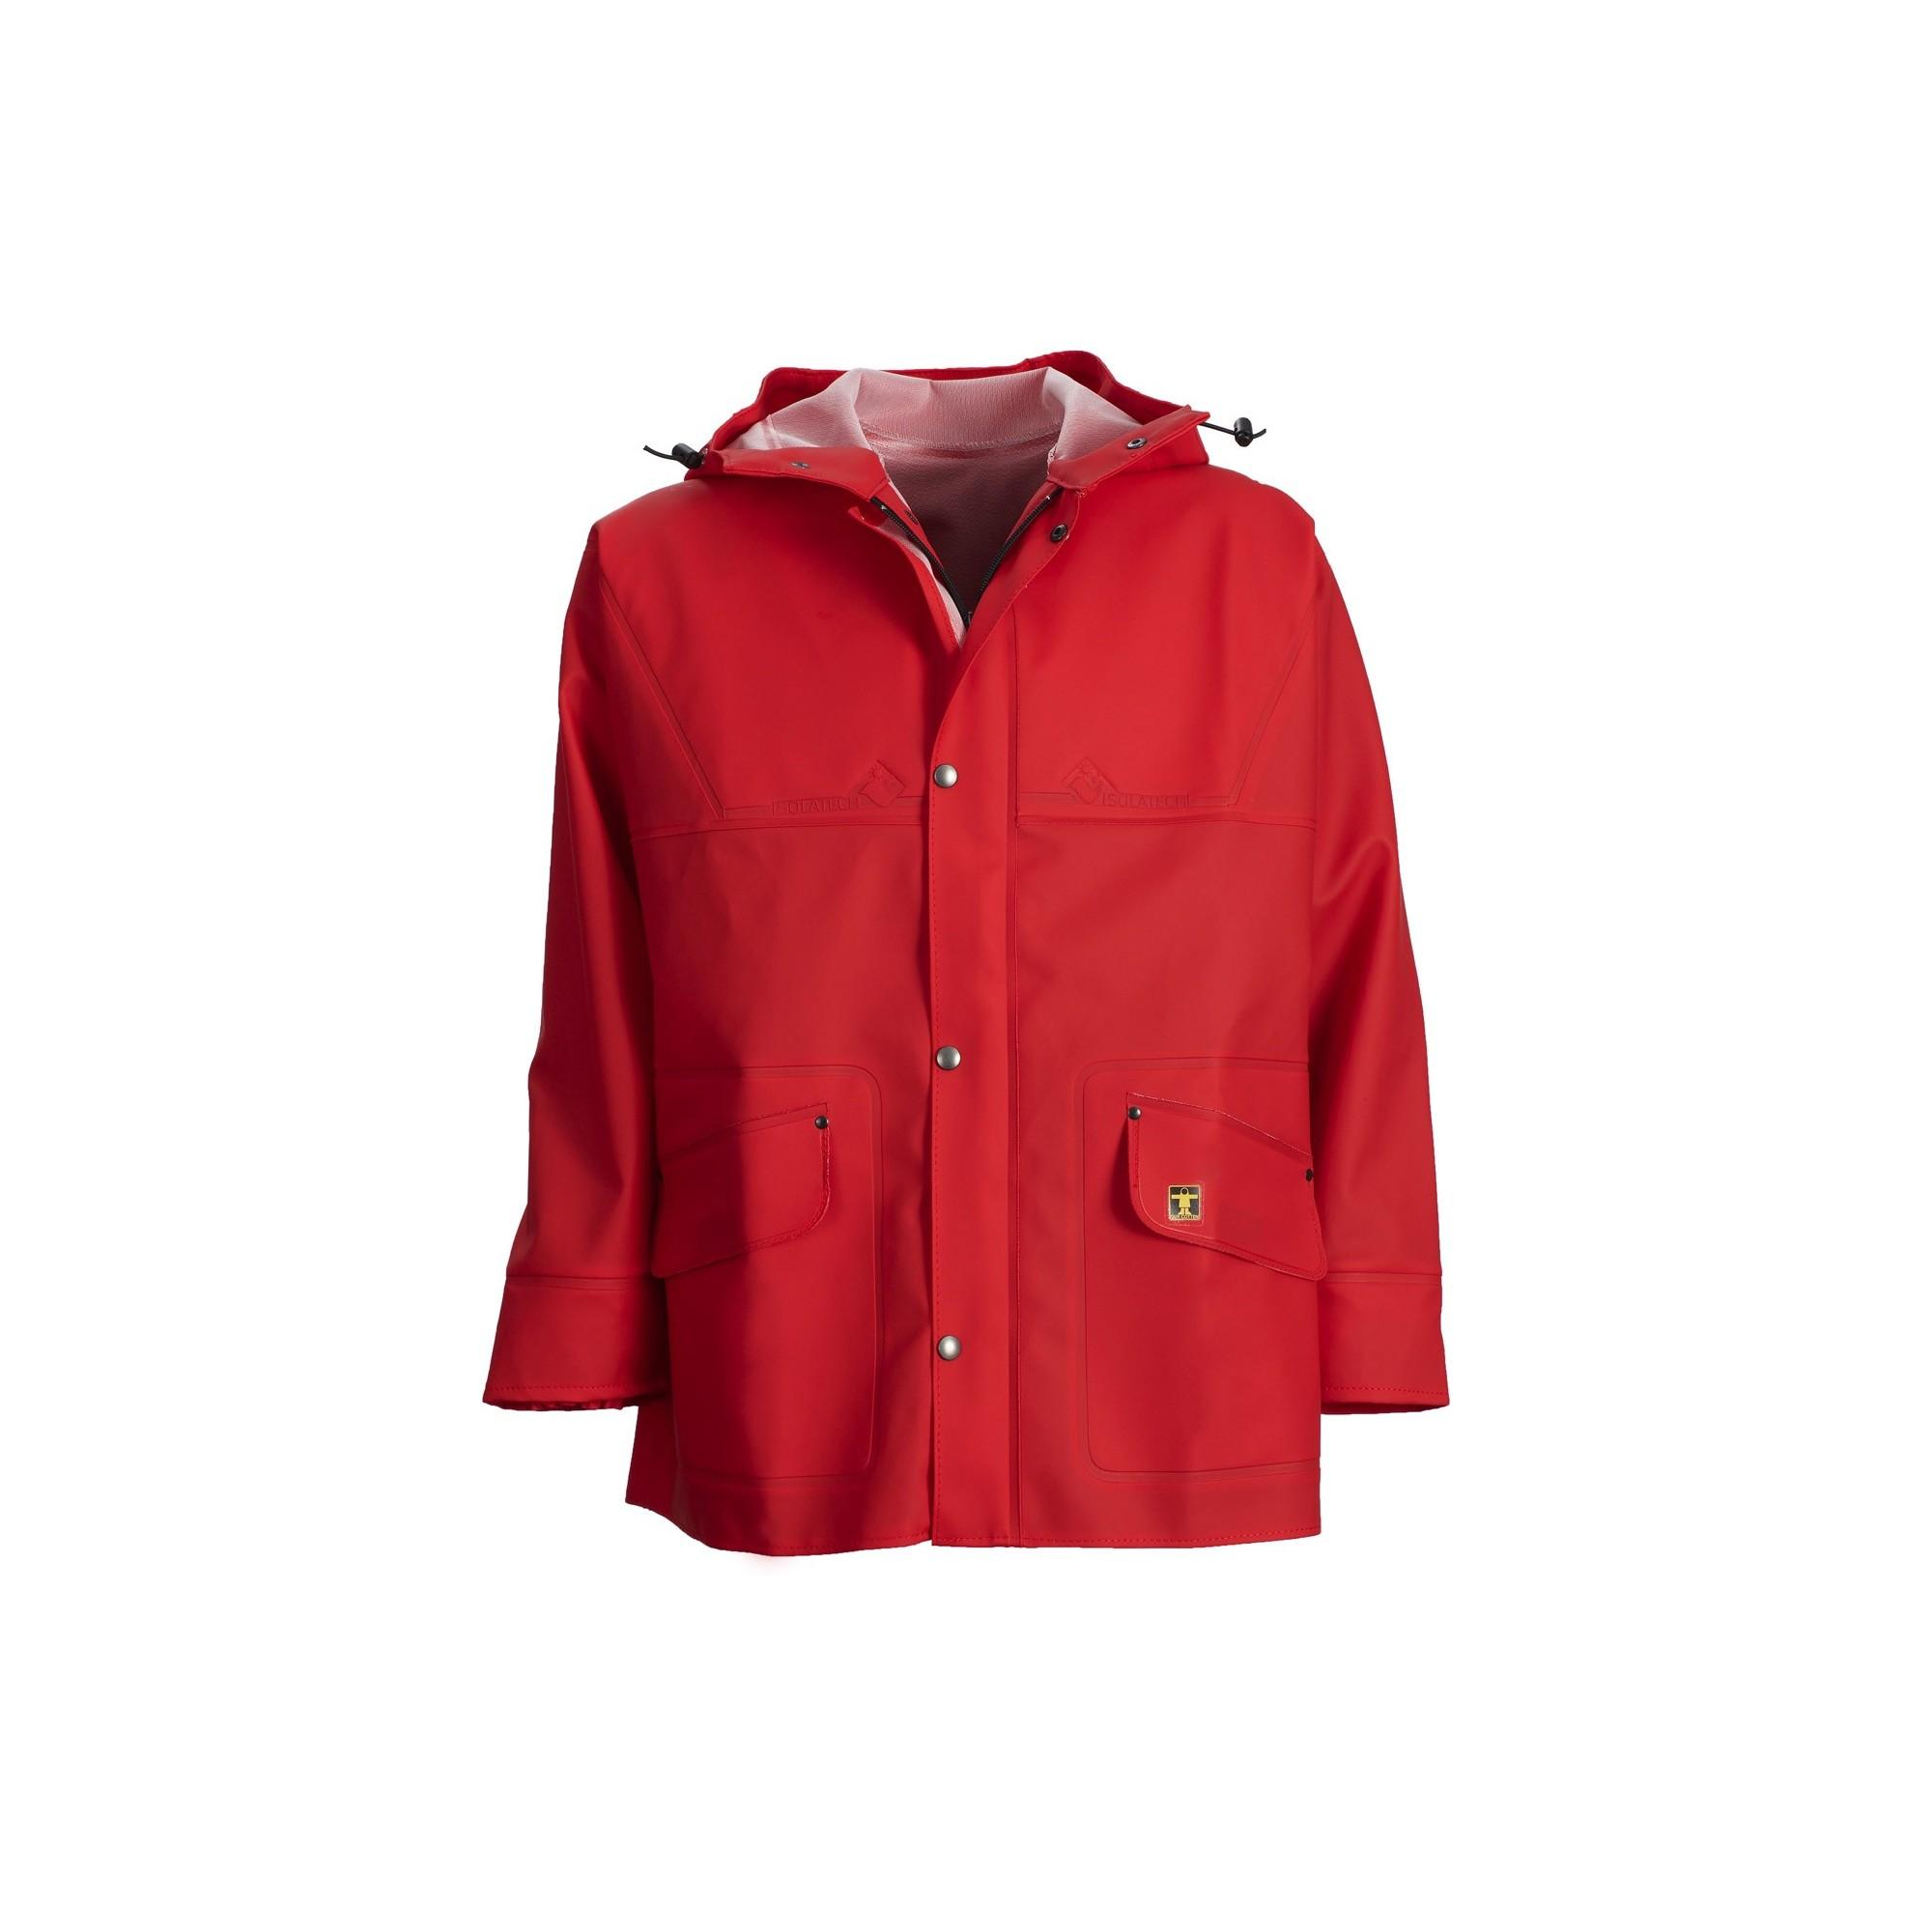 Froid Guy Pluie Glentex Rouge Vêtements Veste Cotten amp; Isoder gq1Hxv